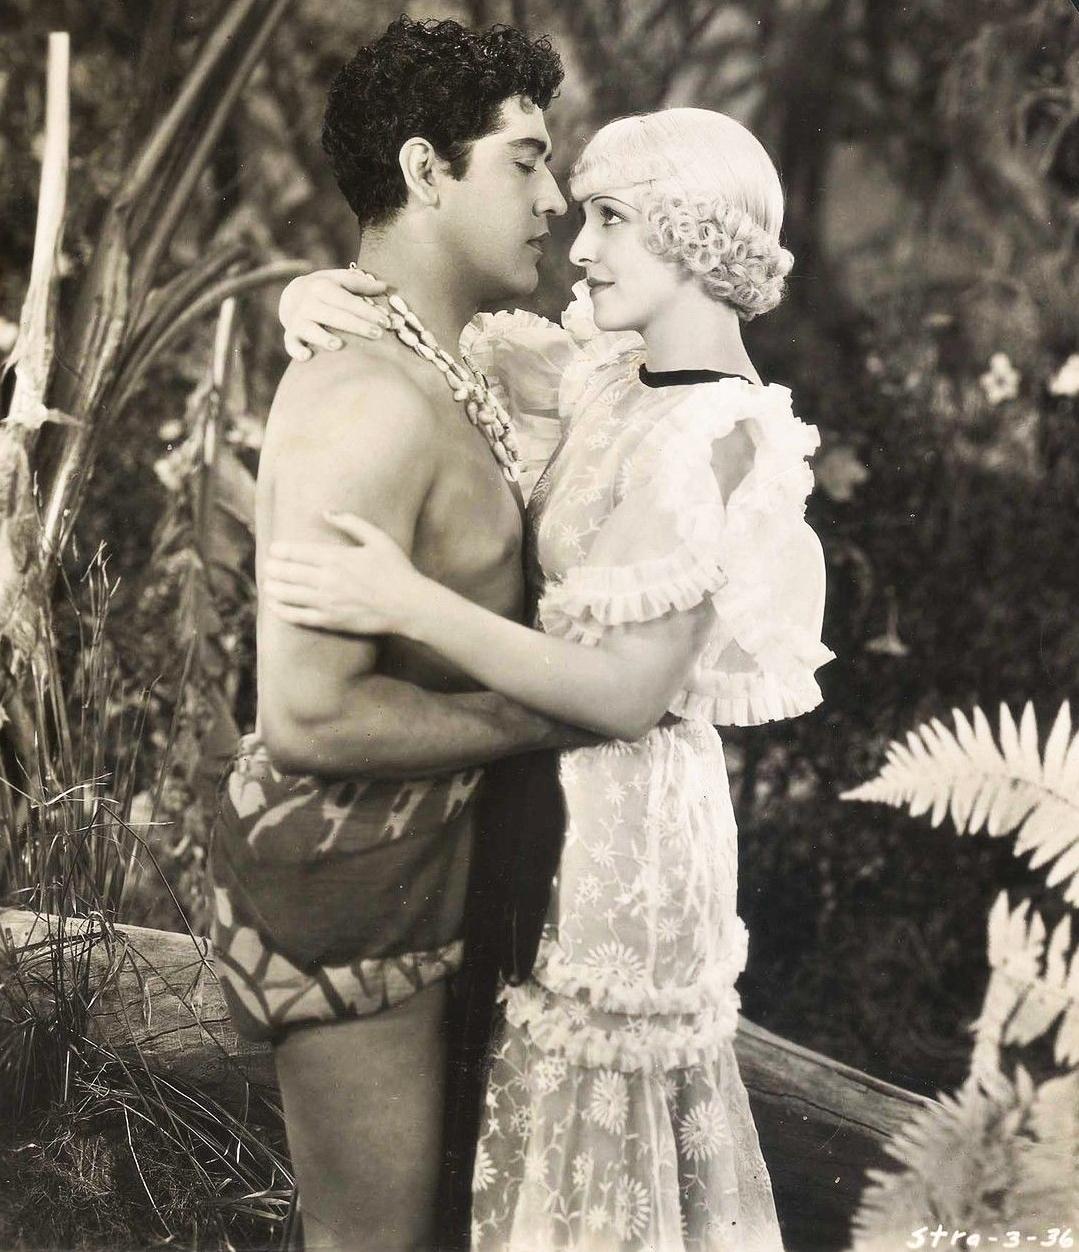 José Mojica and Conchita Montenegro in Melodía prohibida (1933)